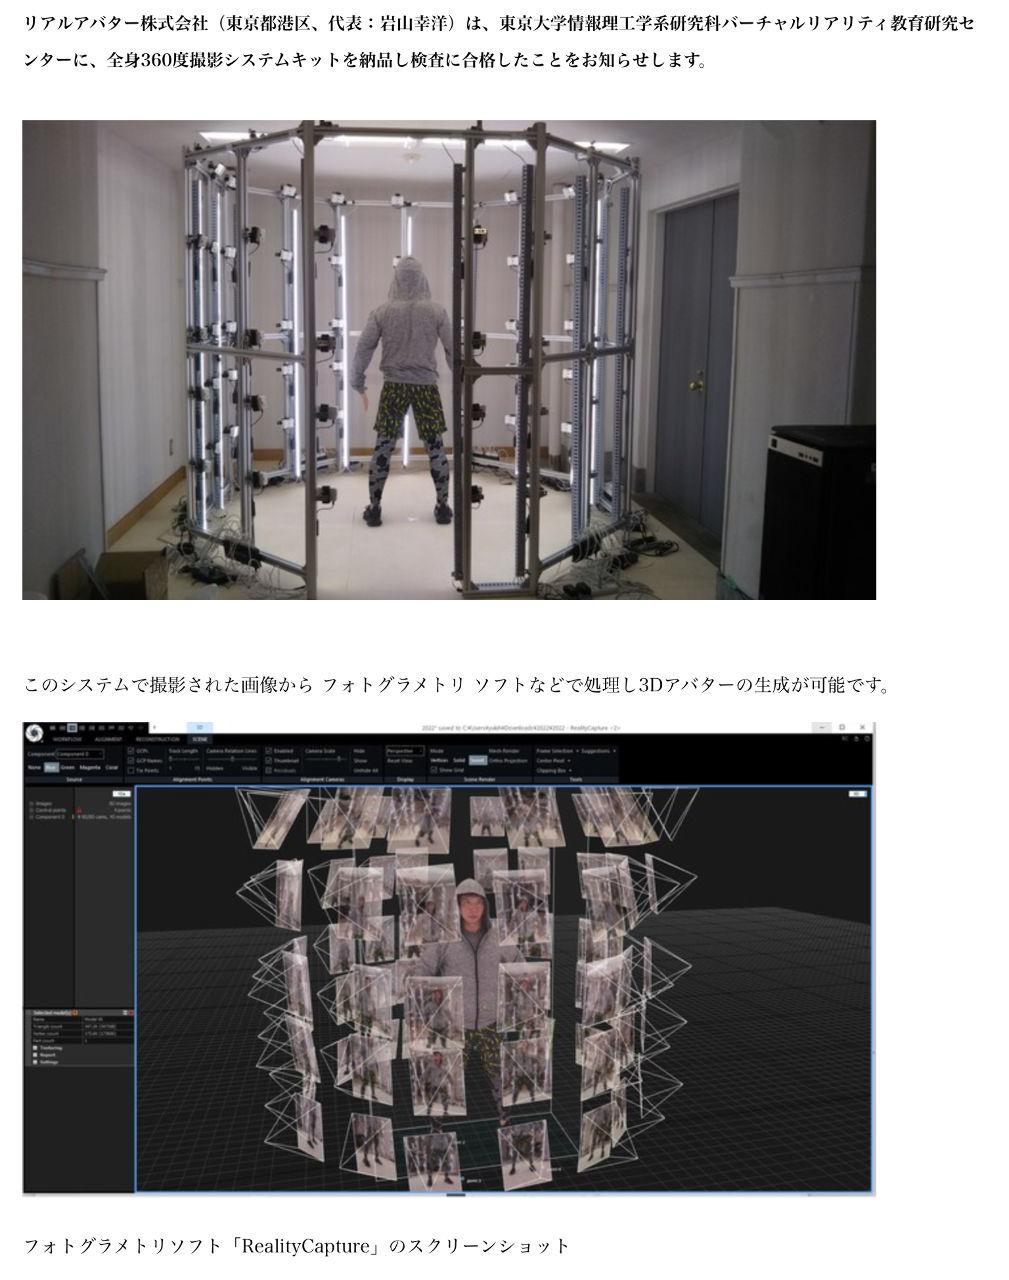 あめちゃん2 ムーンショット  リアルアバター社が東京大学VR教育研究センターに全身360度撮影システムキット納品